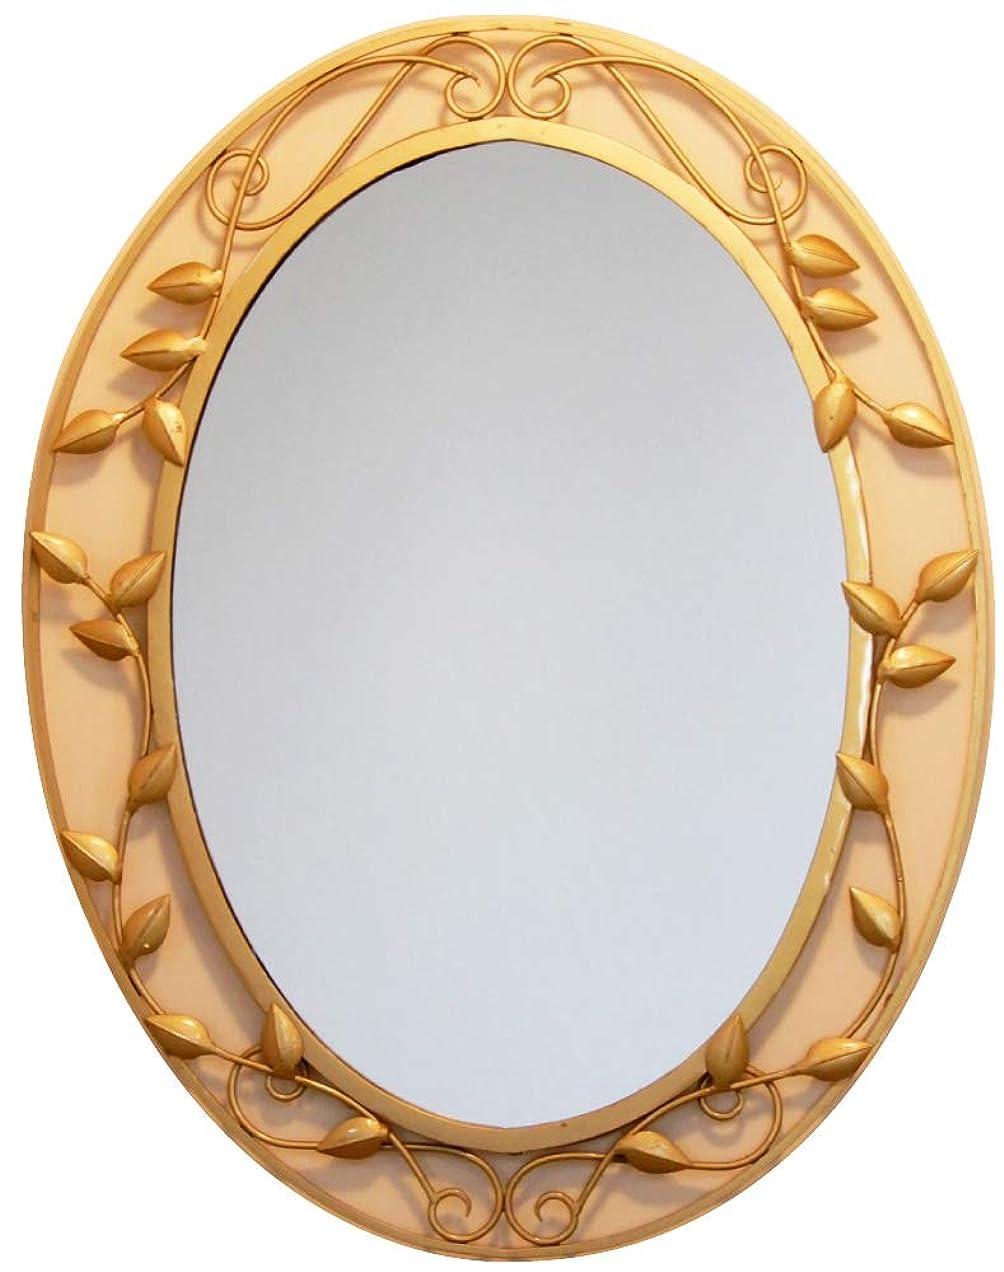 汚染ファイナンスレパートリー鉄製 オーバル JHAアンティークミラー アイアン?ミラー(アンティーク?ゴールド)リーフ楕円(L)W455×H600 RT-4 壁掛け鏡 ウォールミラー 洗面 トイレ 店舗